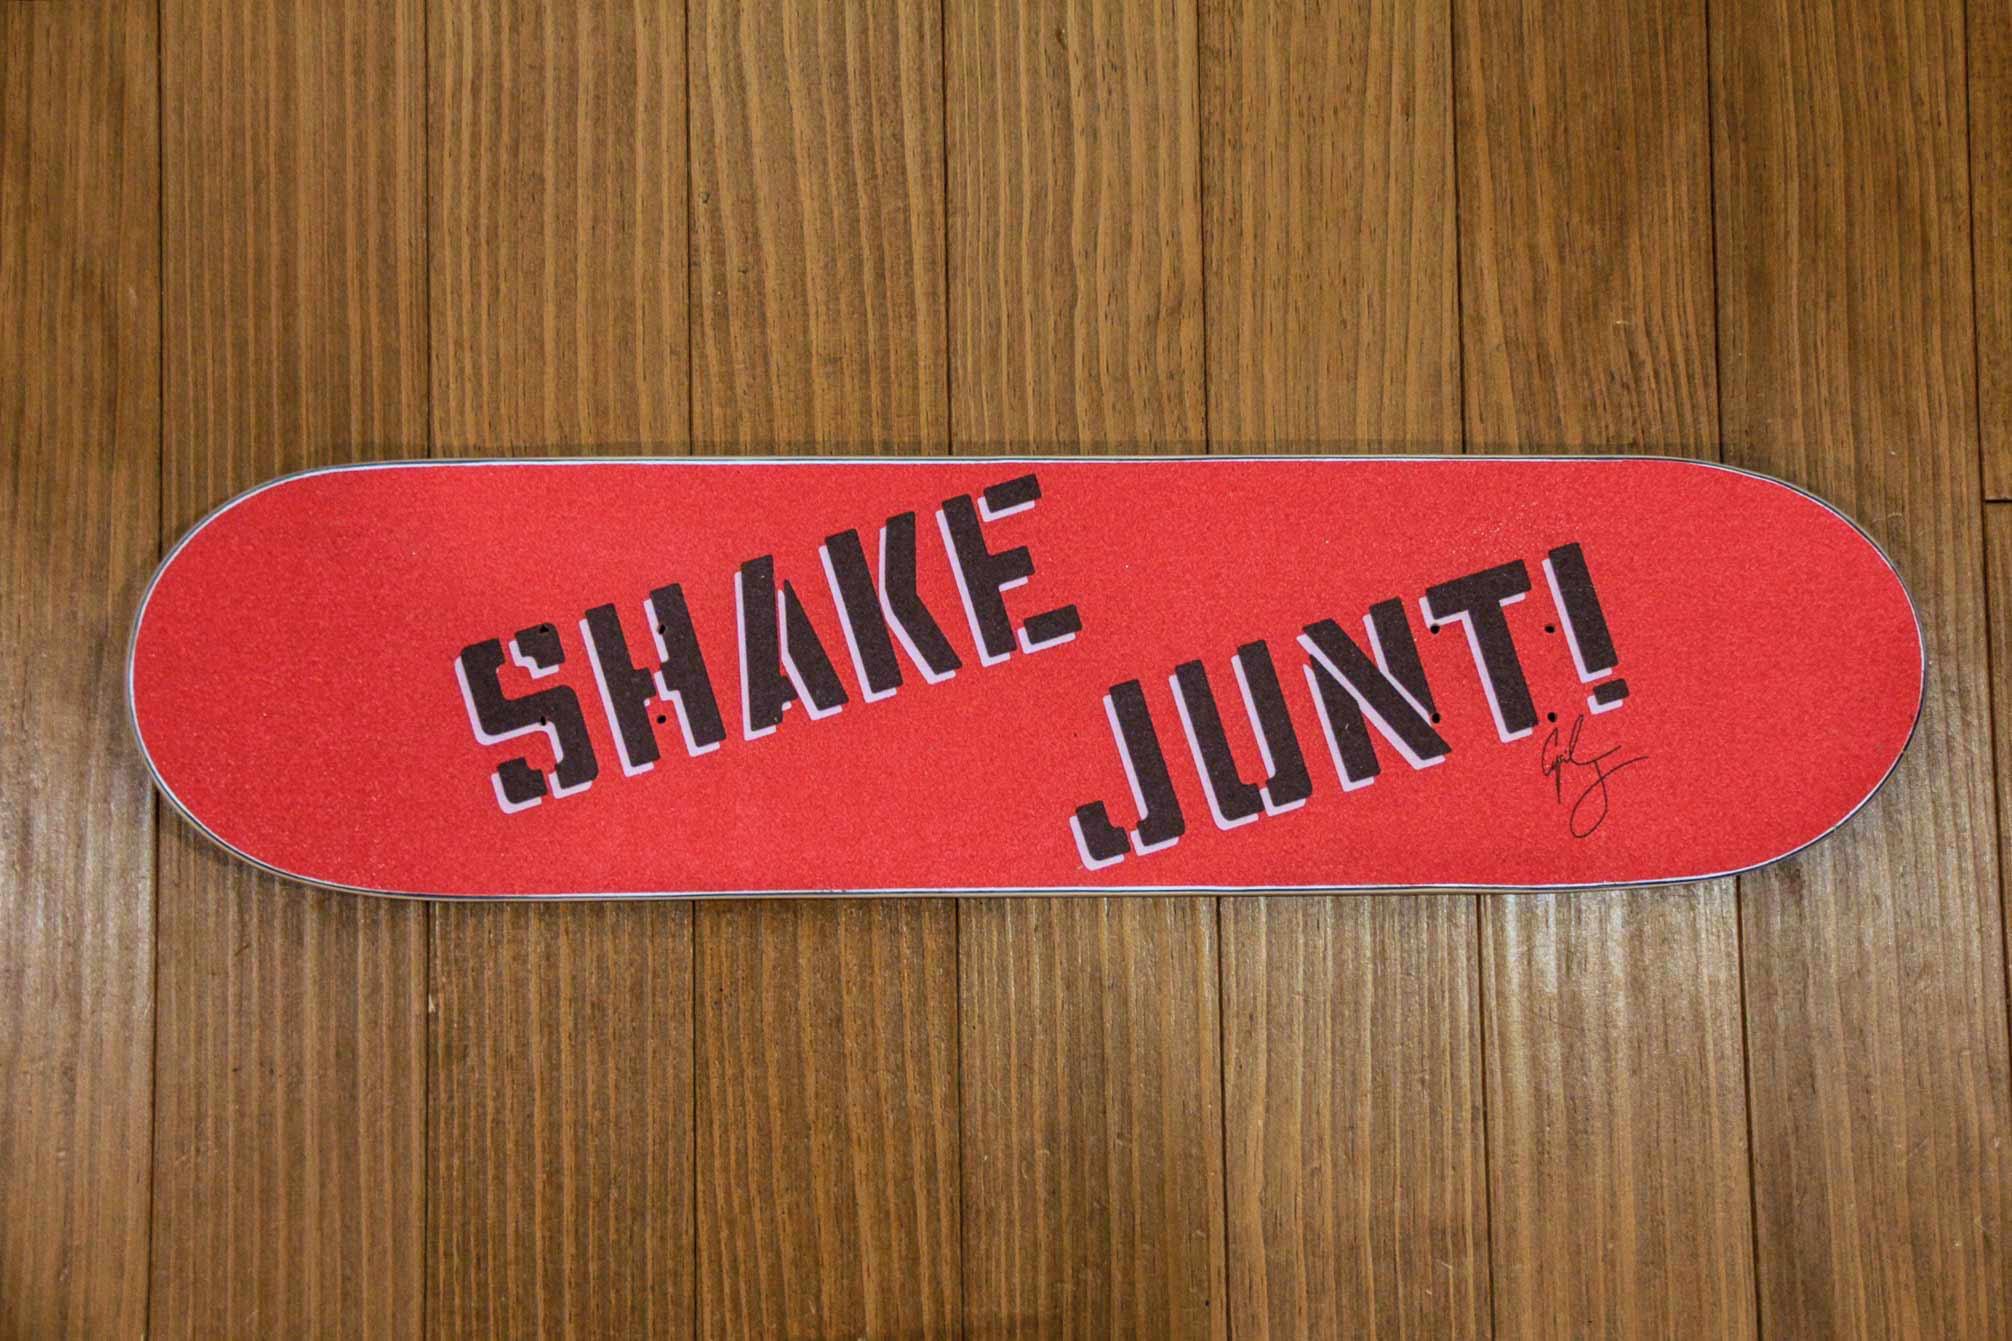 スケートボードSHAKE JUNTIのデッキテープの写真